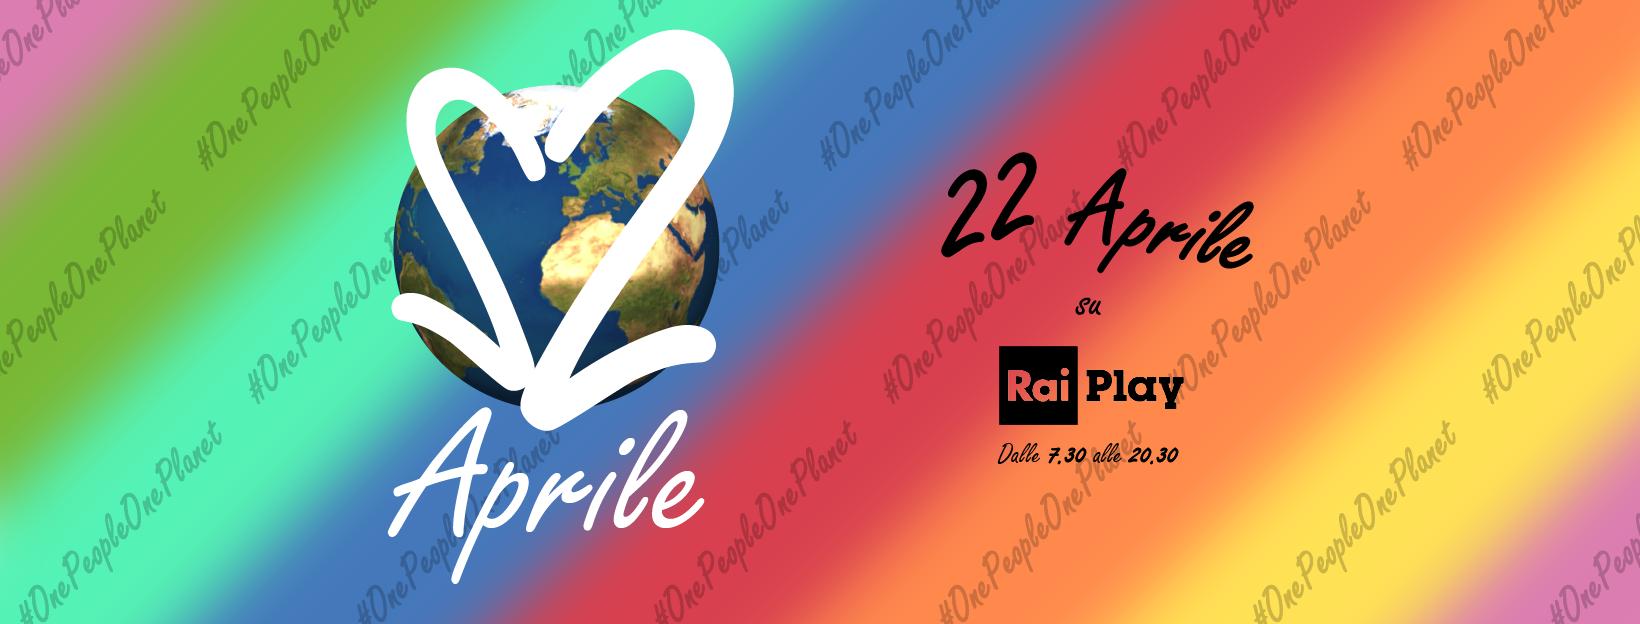 Earth Day 2021, la maratona multimediale per celebrare la 51ma giornata  Mondiale della Terra